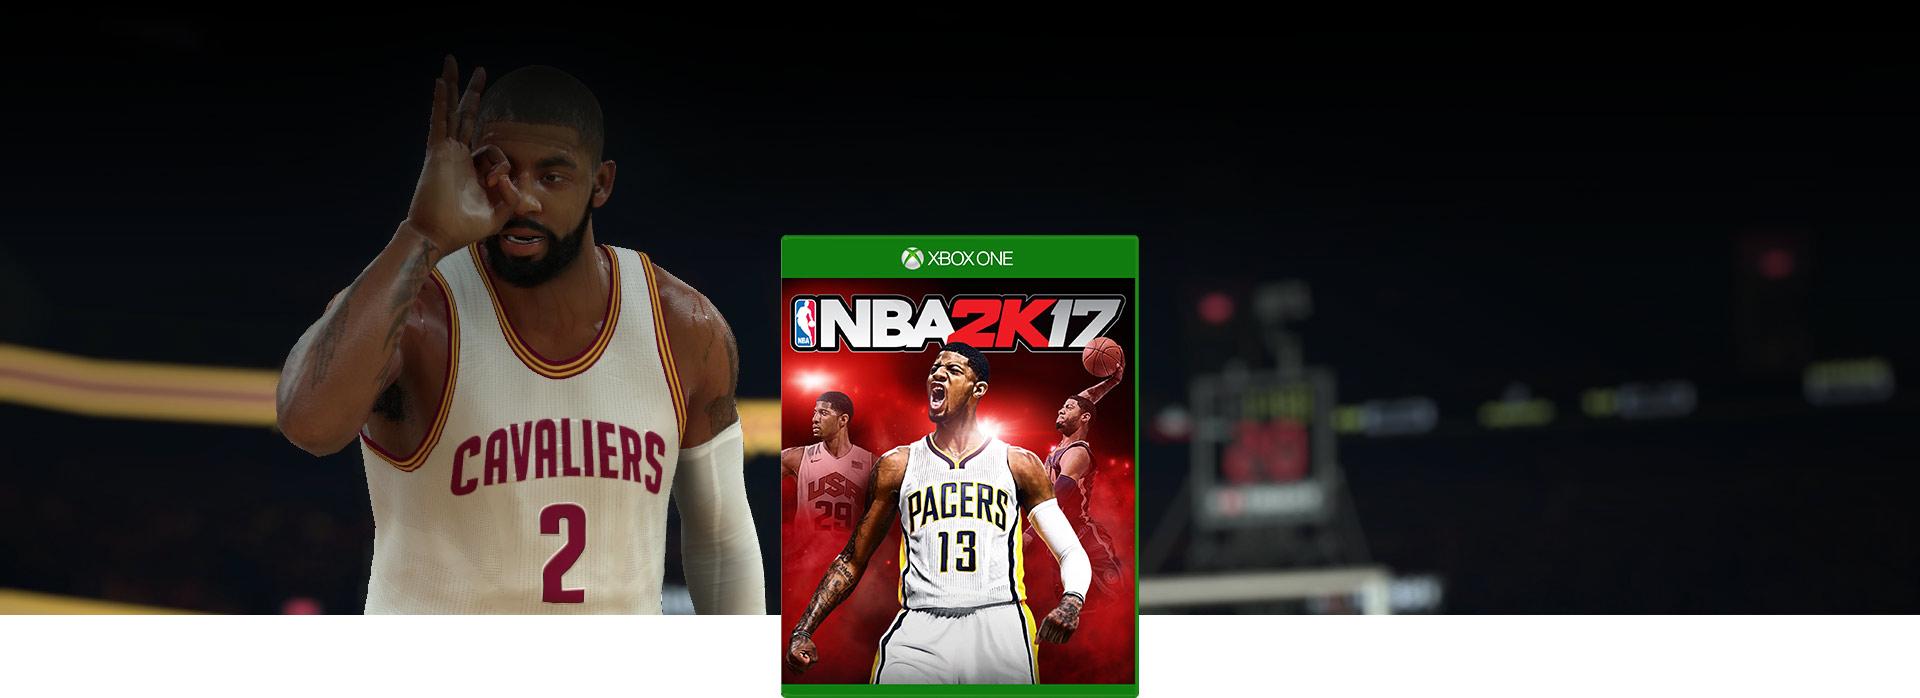 NBA2K17 — zdjęcie opakowania